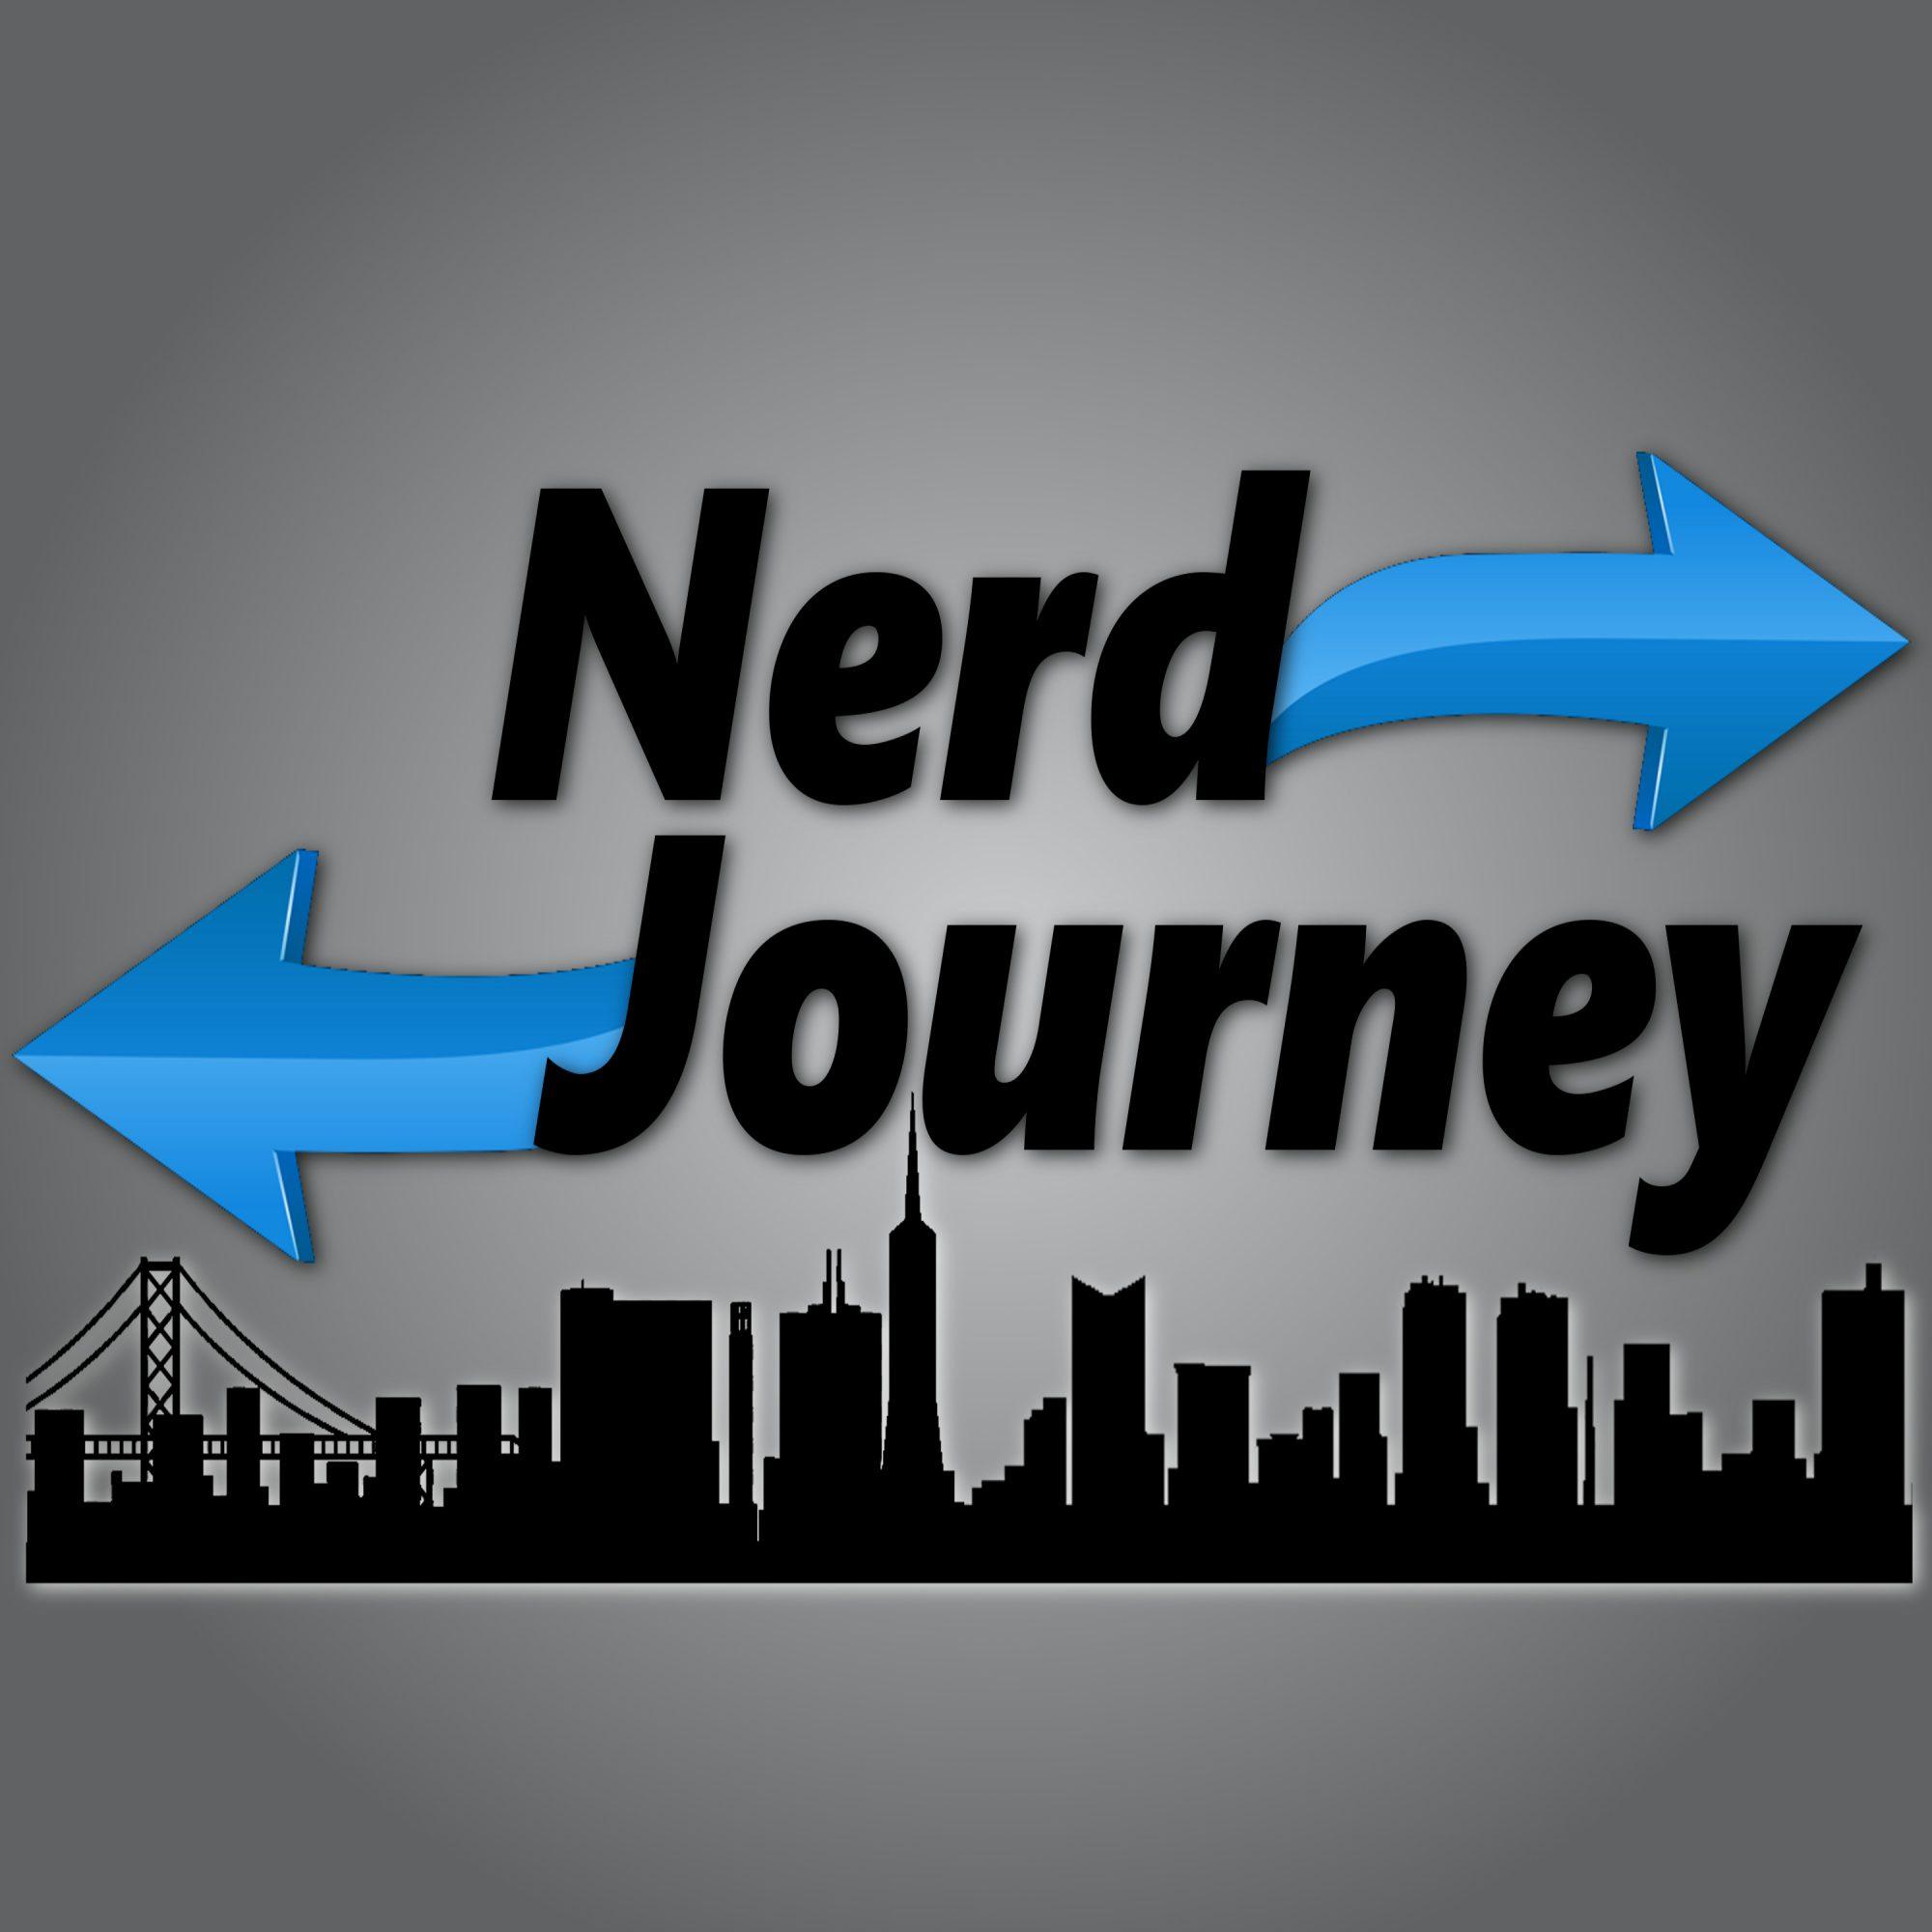 Nerd Journey